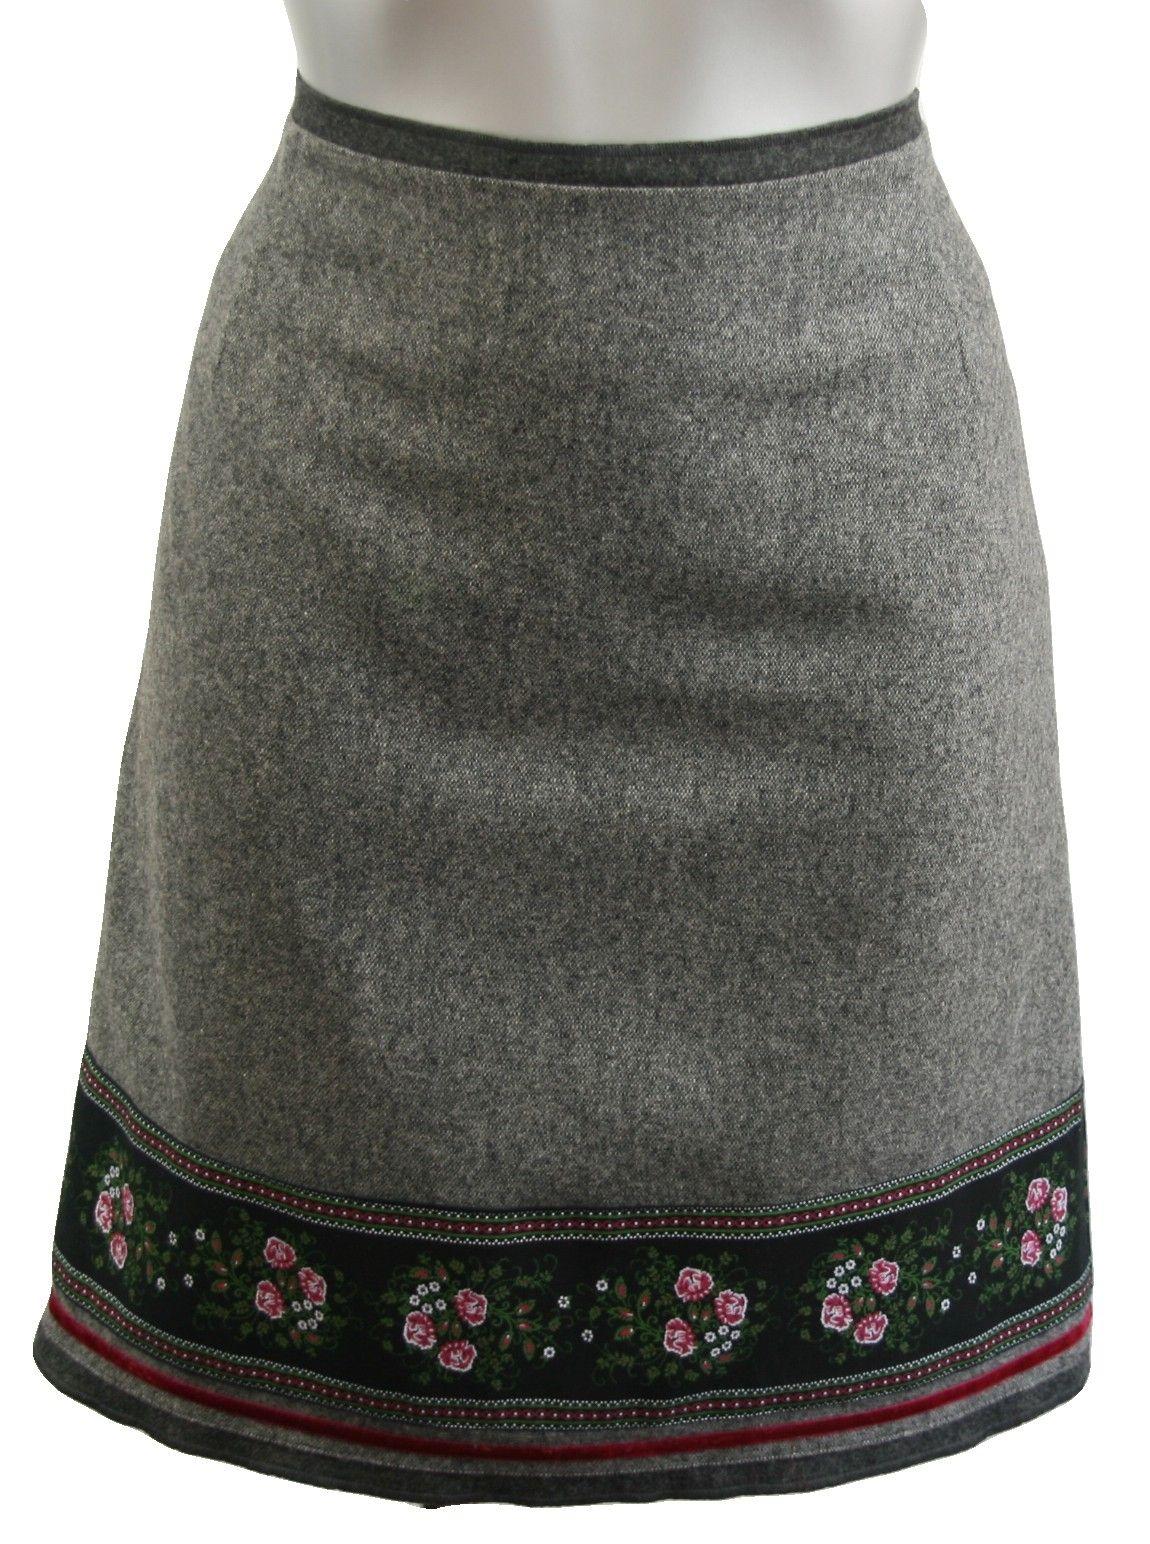 Trachtenrock Anno Domini Design grau | Dirndl, Trachten und Trachtenrock